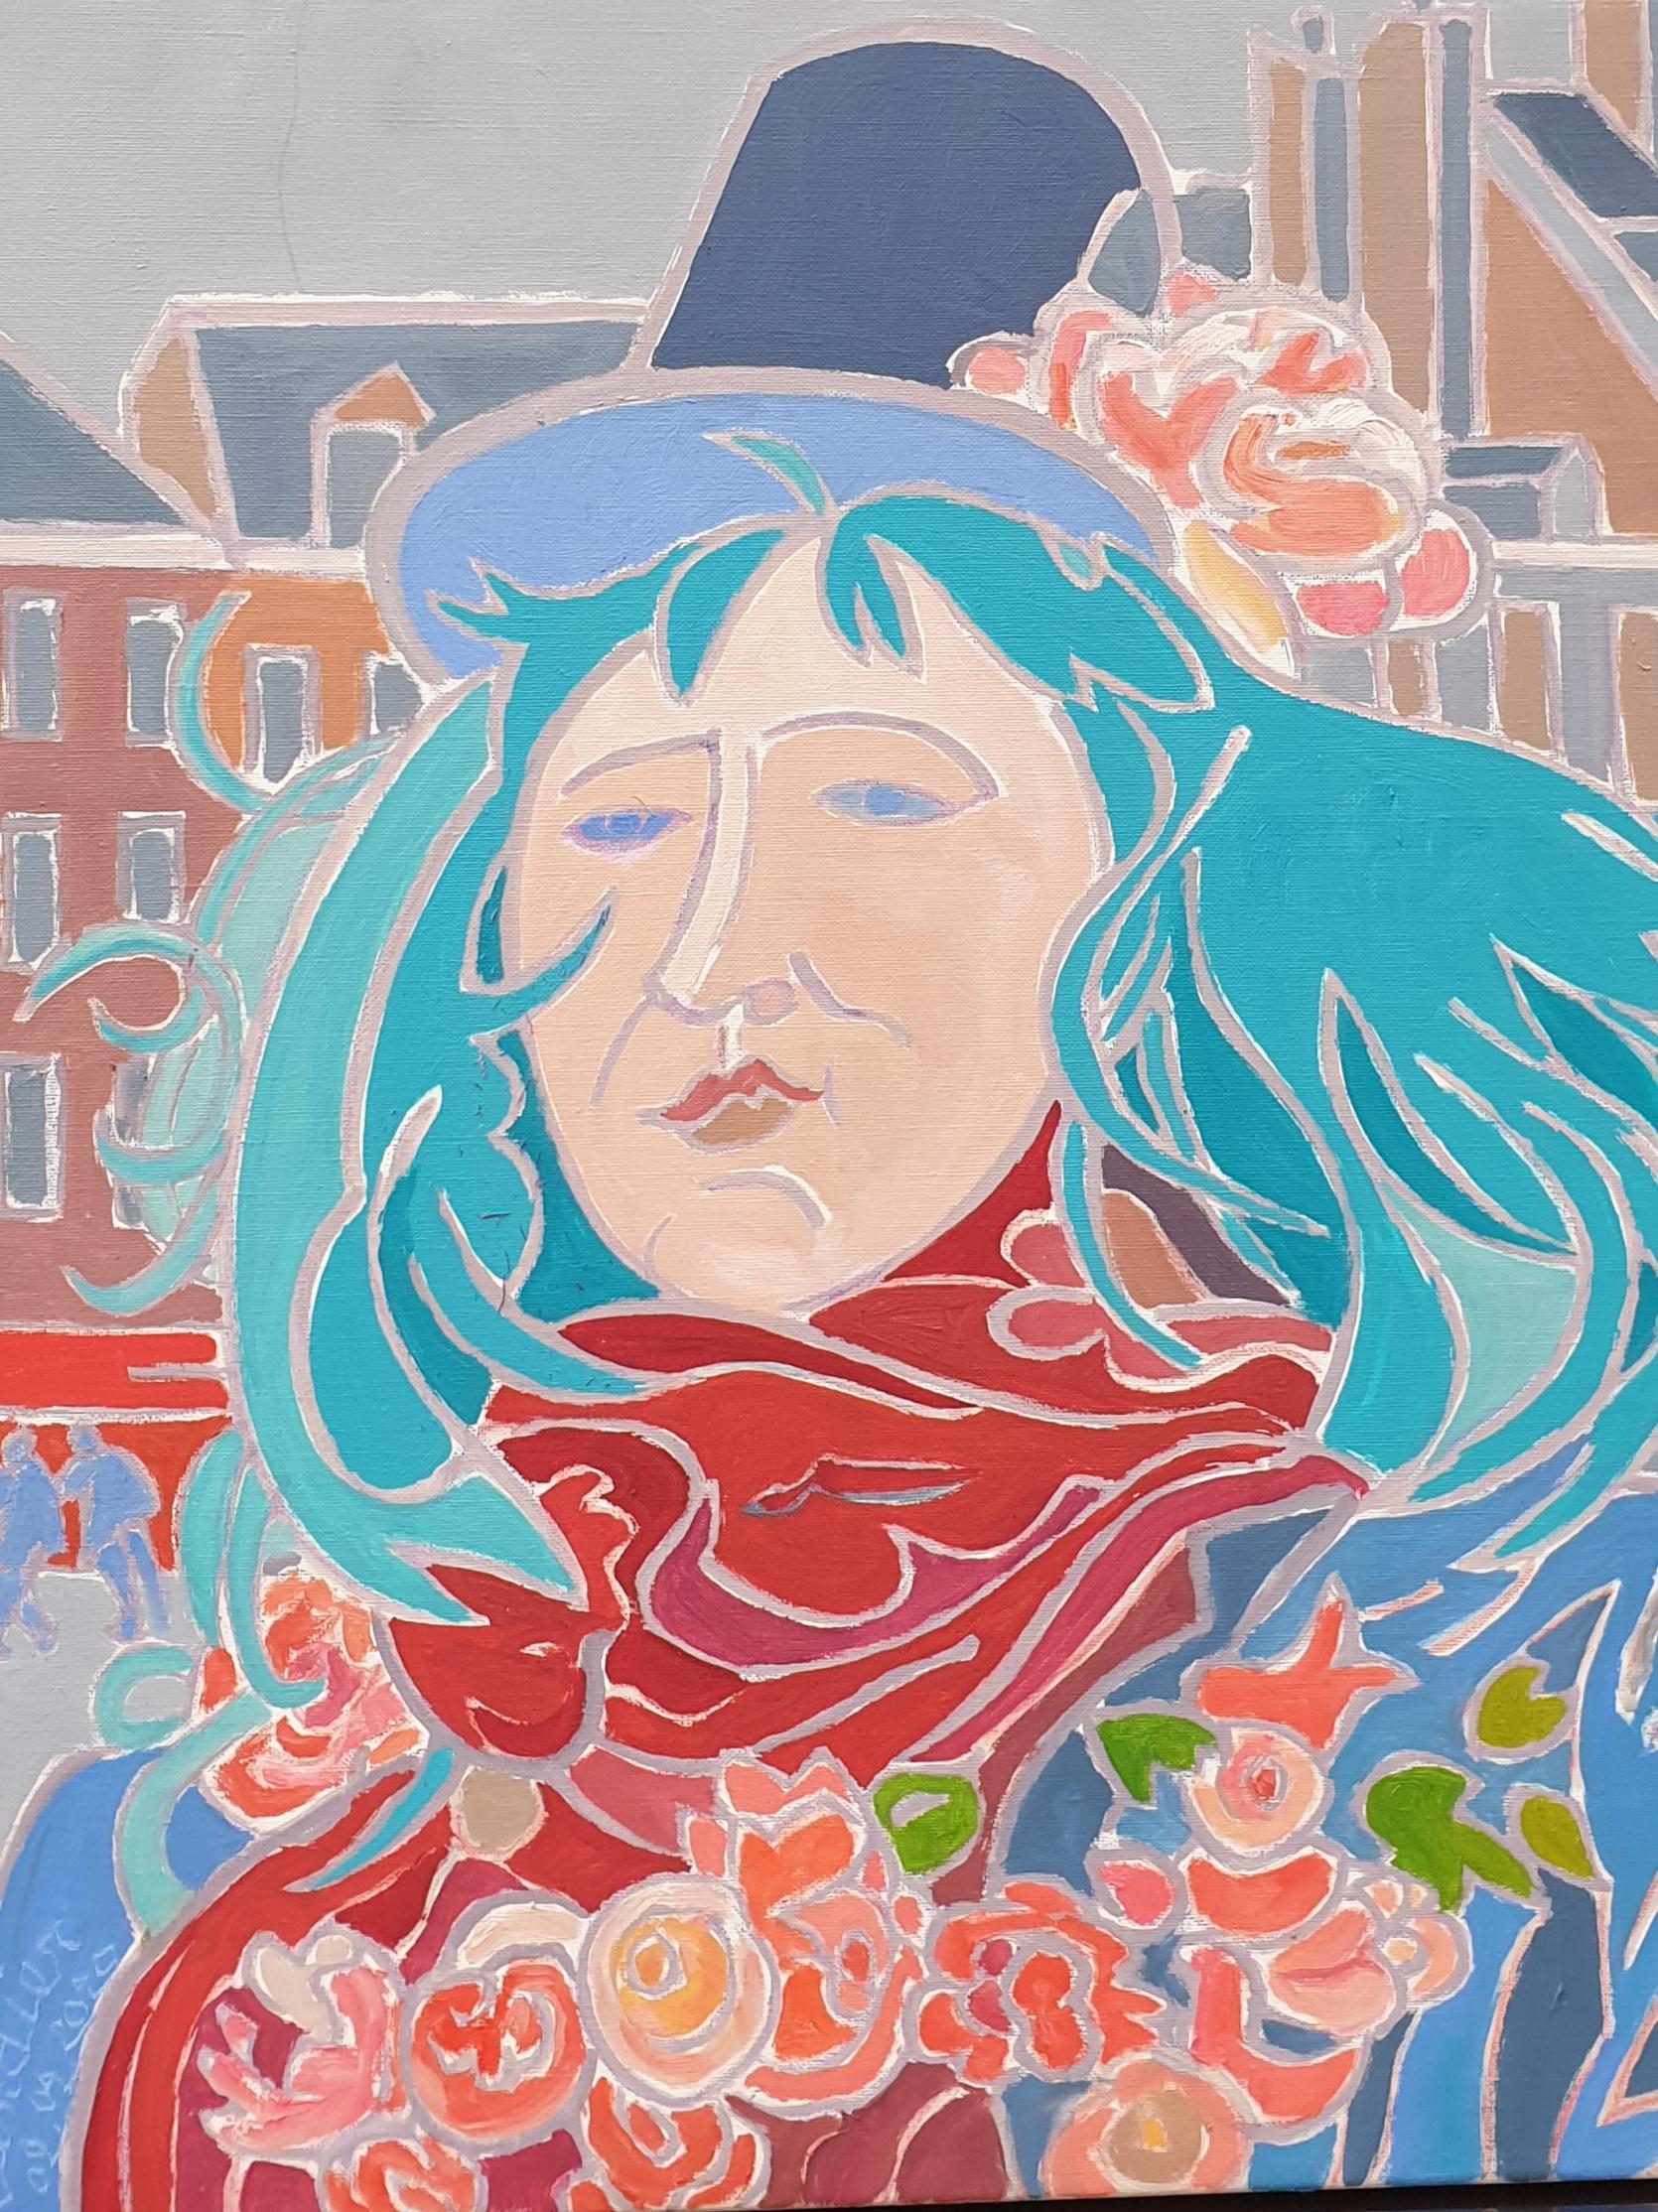 Béatrice au chapeau fleuri Peinture de Henri LANDIER 2020 61x50 cm Prix : 7 800 €